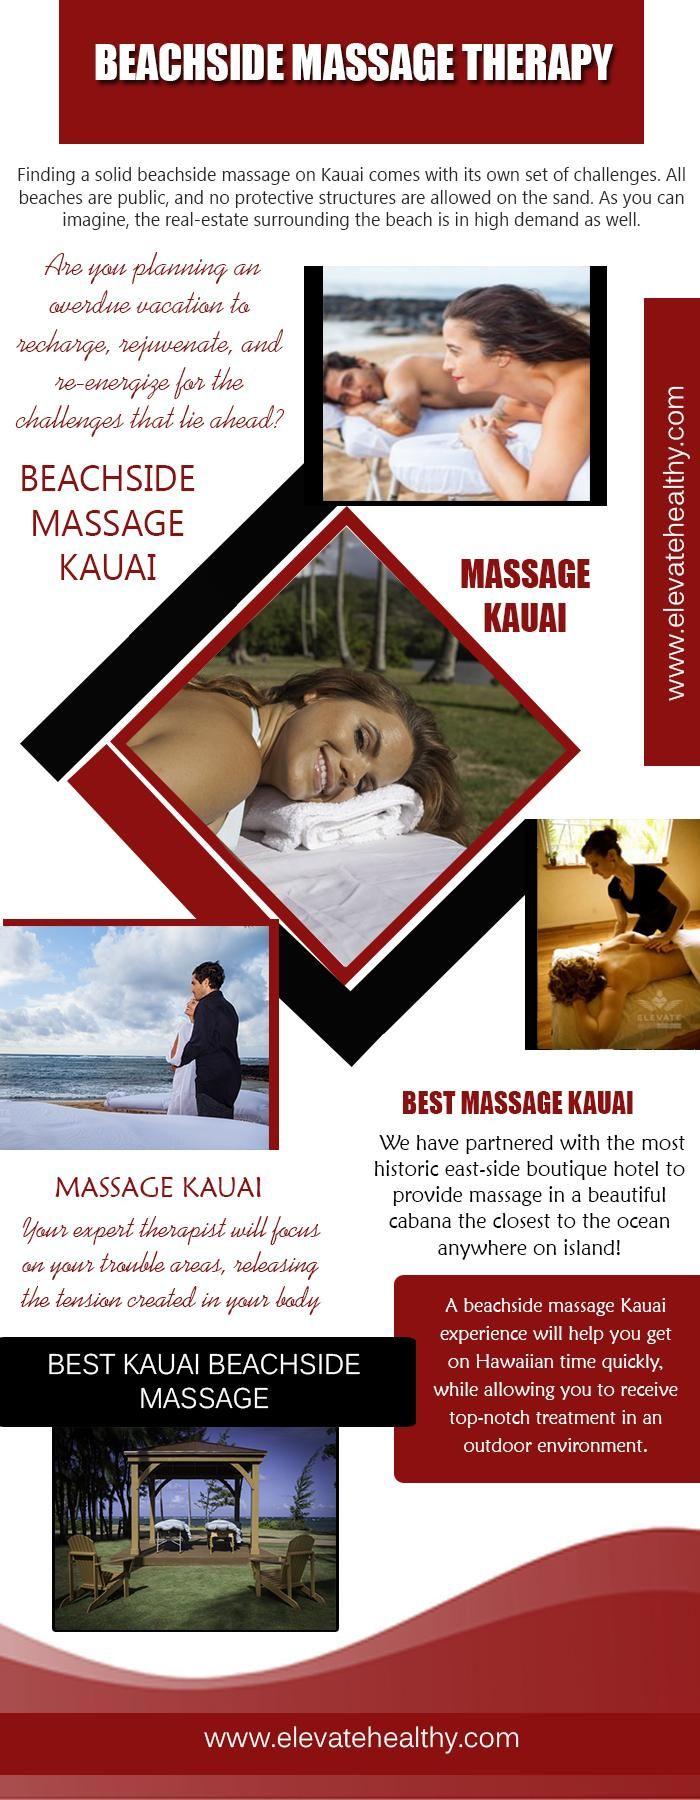 Best Kauai Beachside Massage | Social media network ...